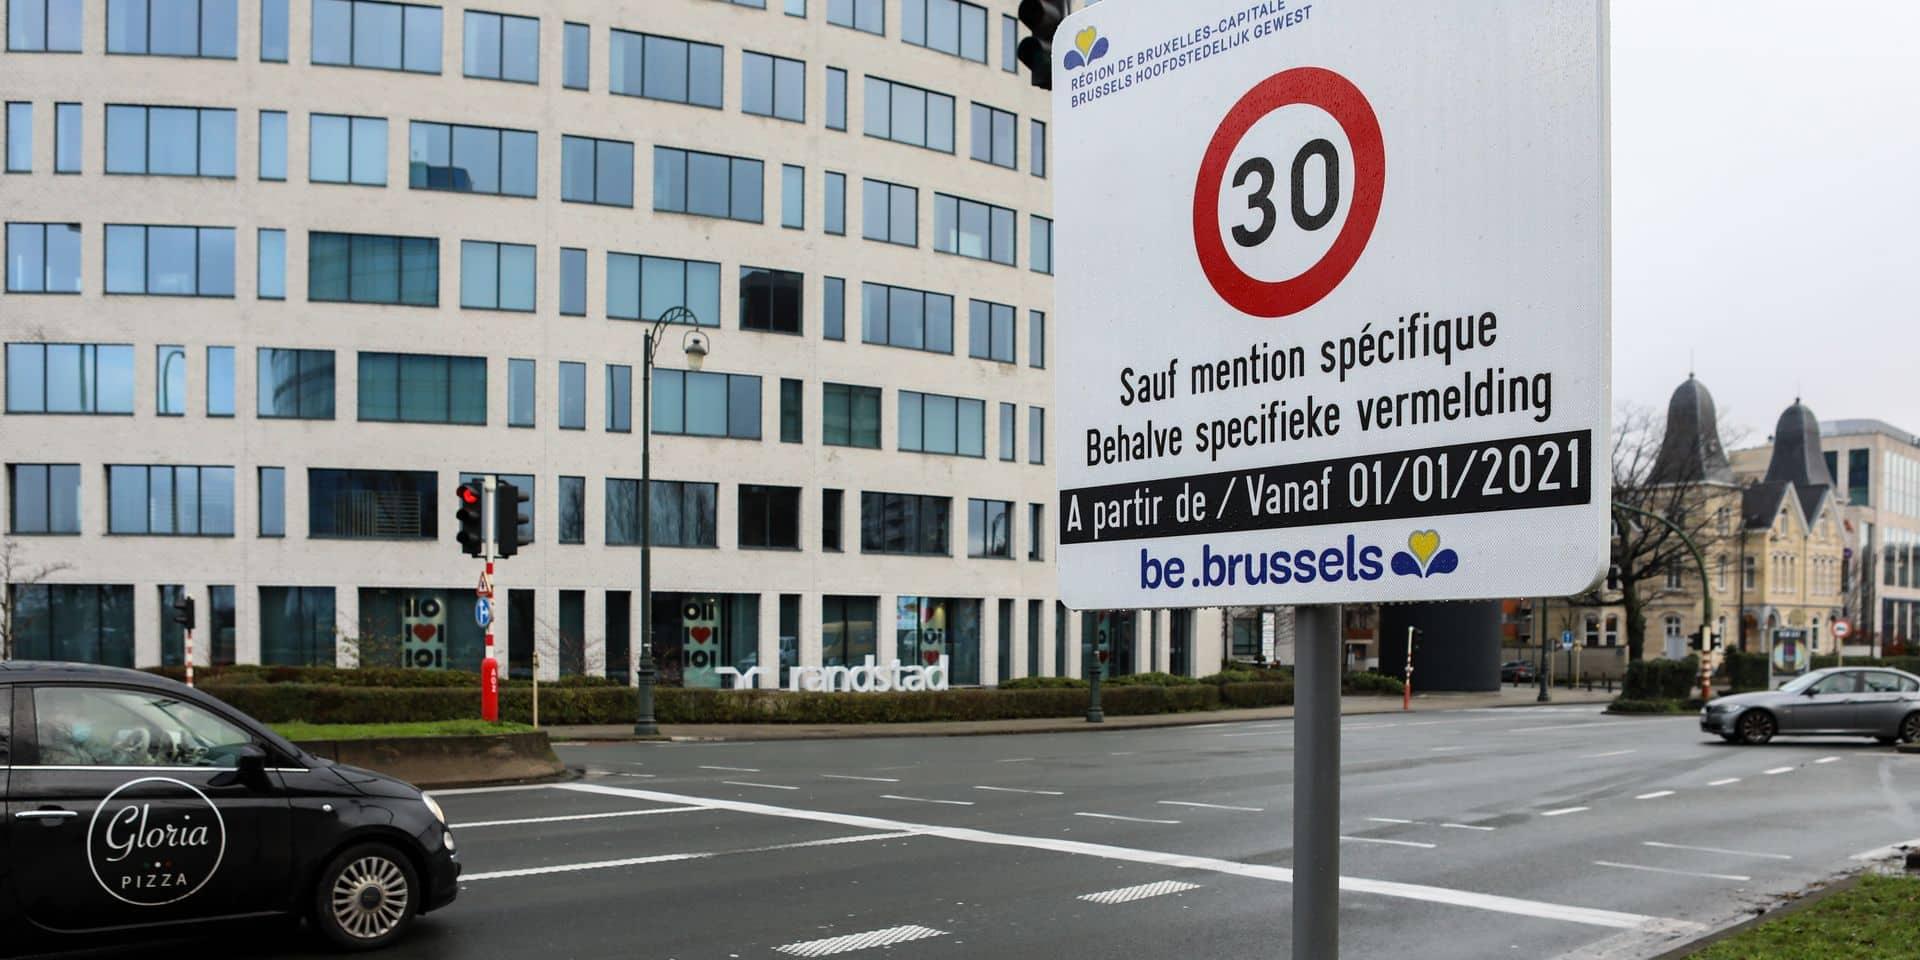 """La zone 30 généralisée à Bruxelles remise en cause: """"Les juges seront libres de décider si la mesure est abusive"""""""